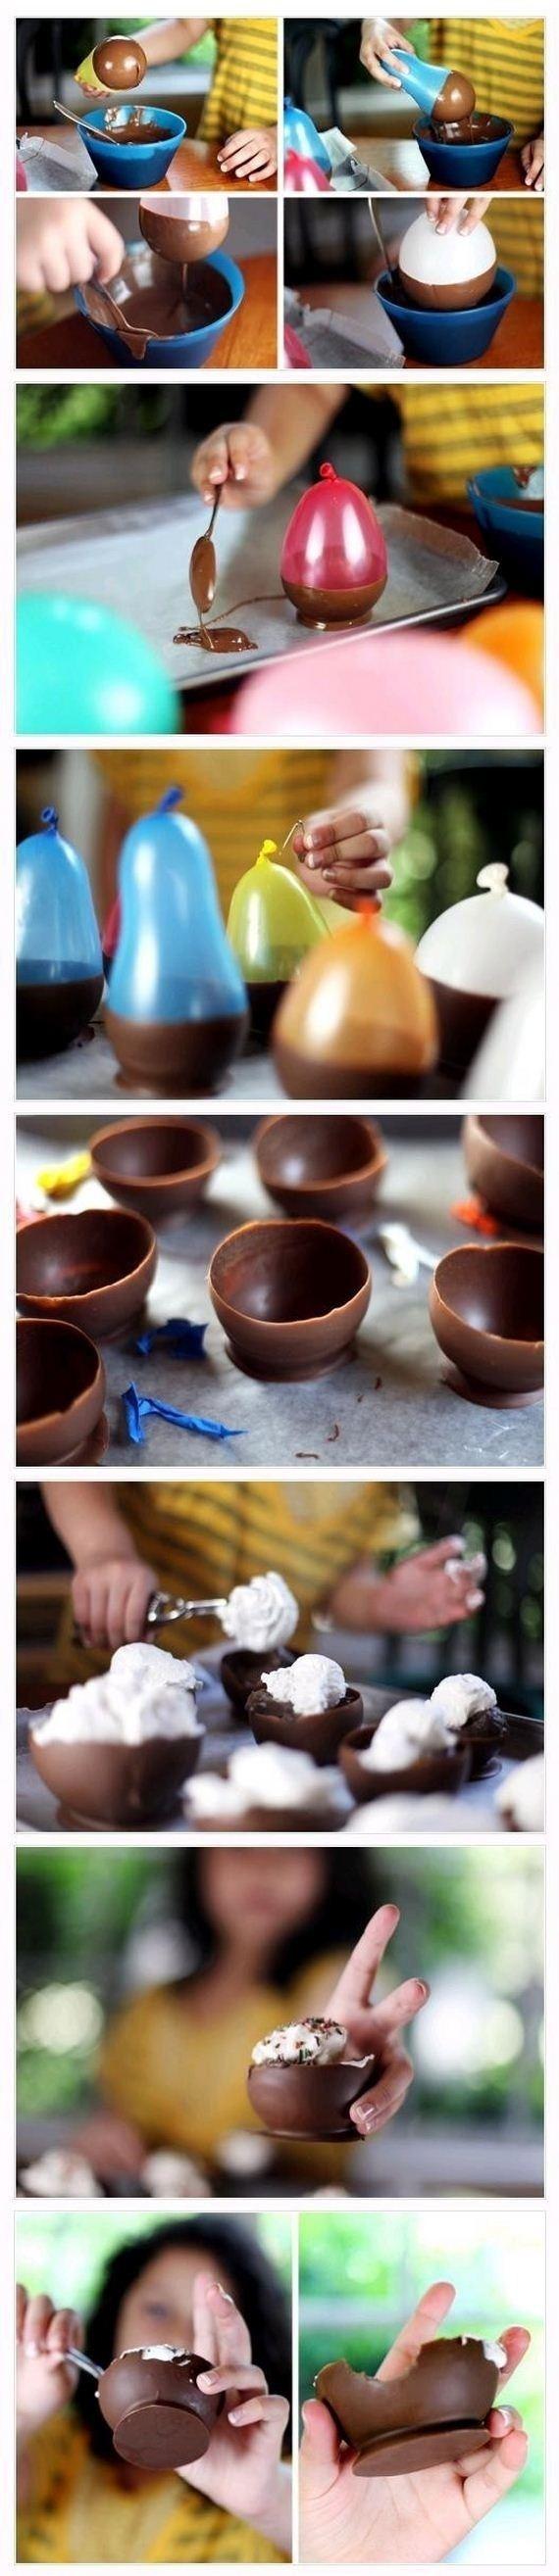 04-Amazing-DIY-Crafts